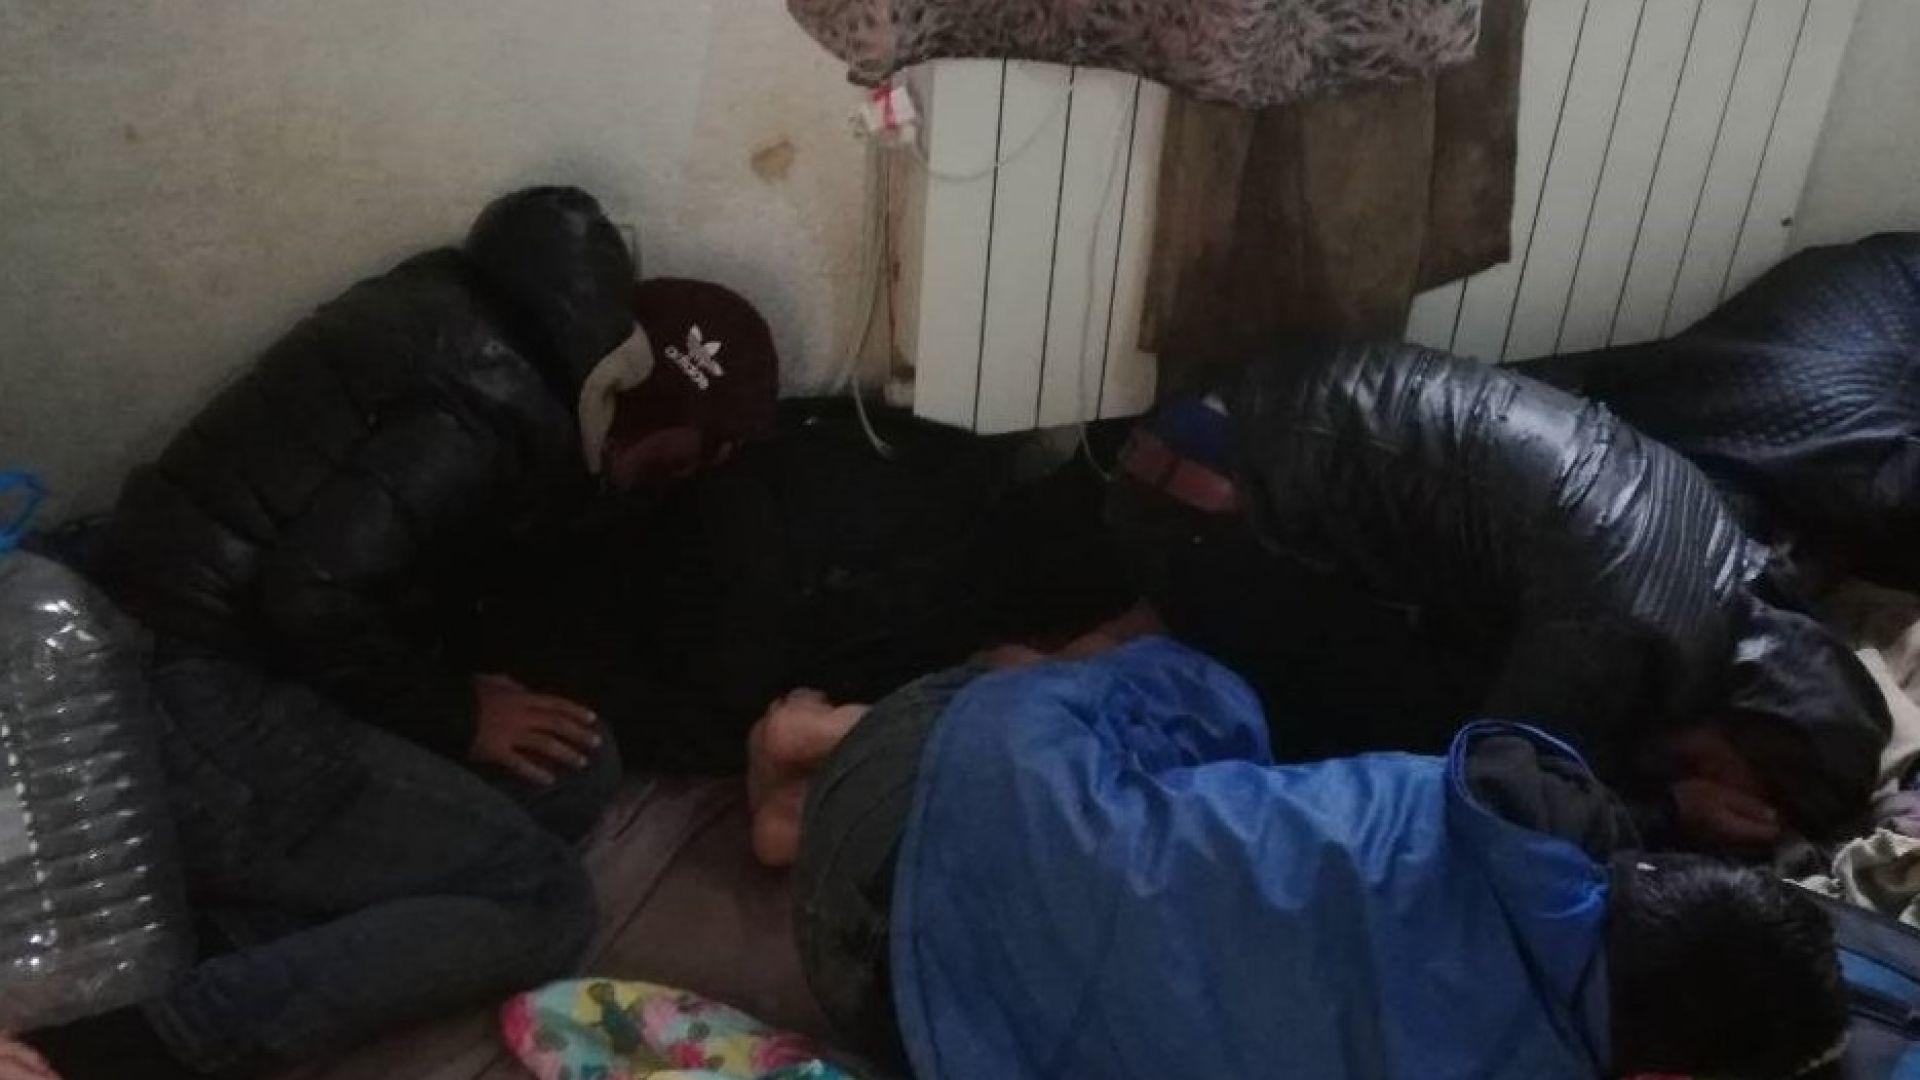 28 незаконни мигранти са открити на два адреса в София